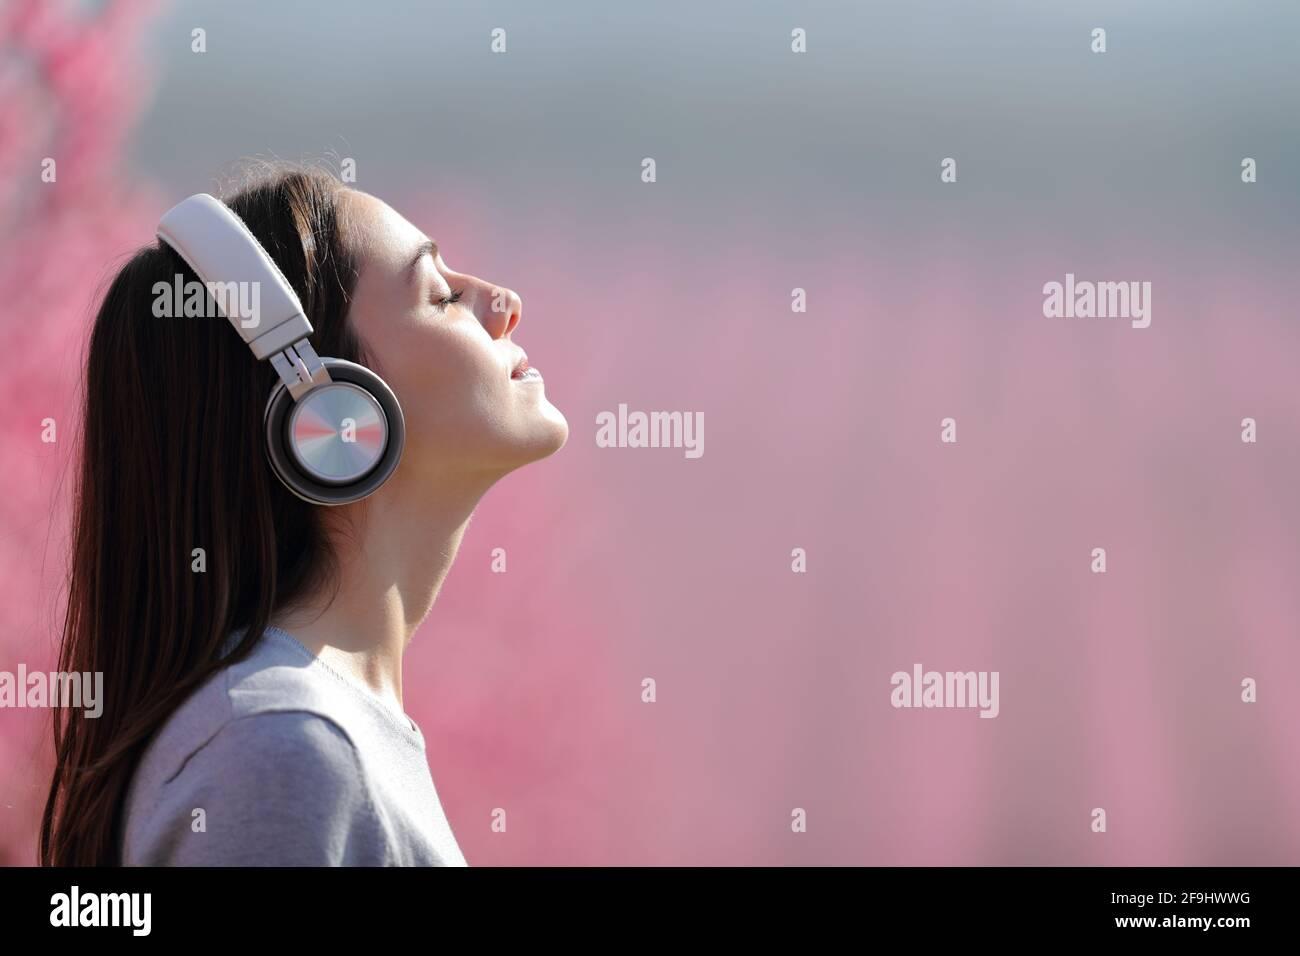 Profil d'une femme qui médite l'écoute audio sur un casque sans fil dans un champ rose Banque D'Images